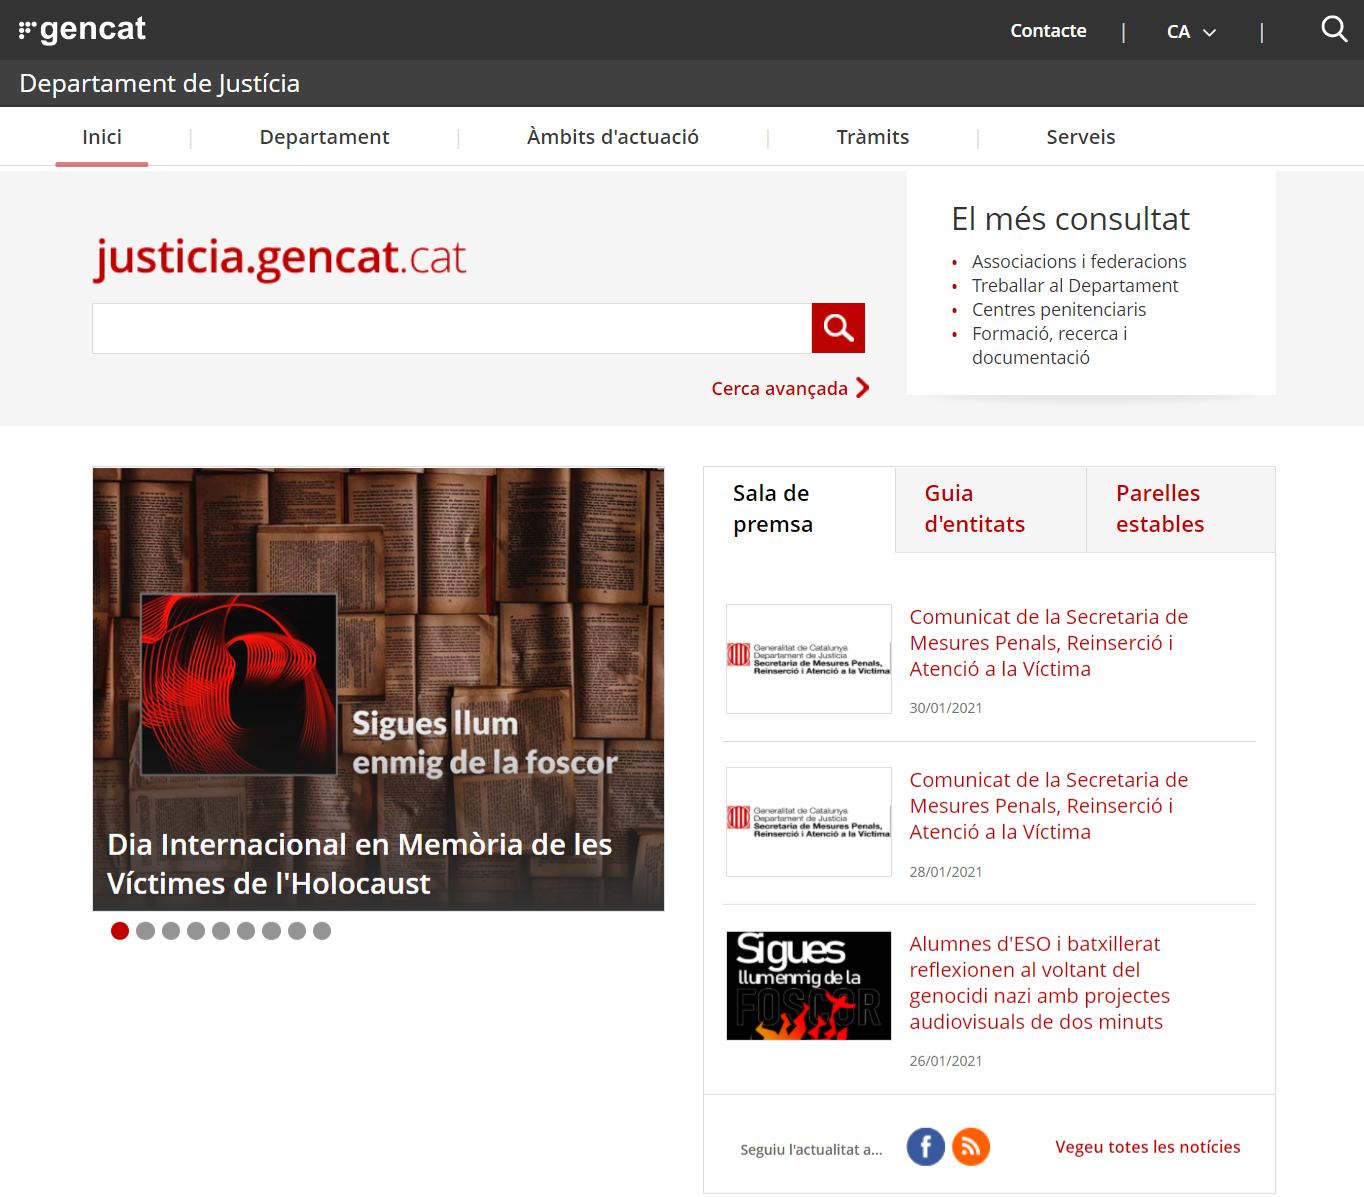 Auditoria accessibilitat web Departament de Justícia